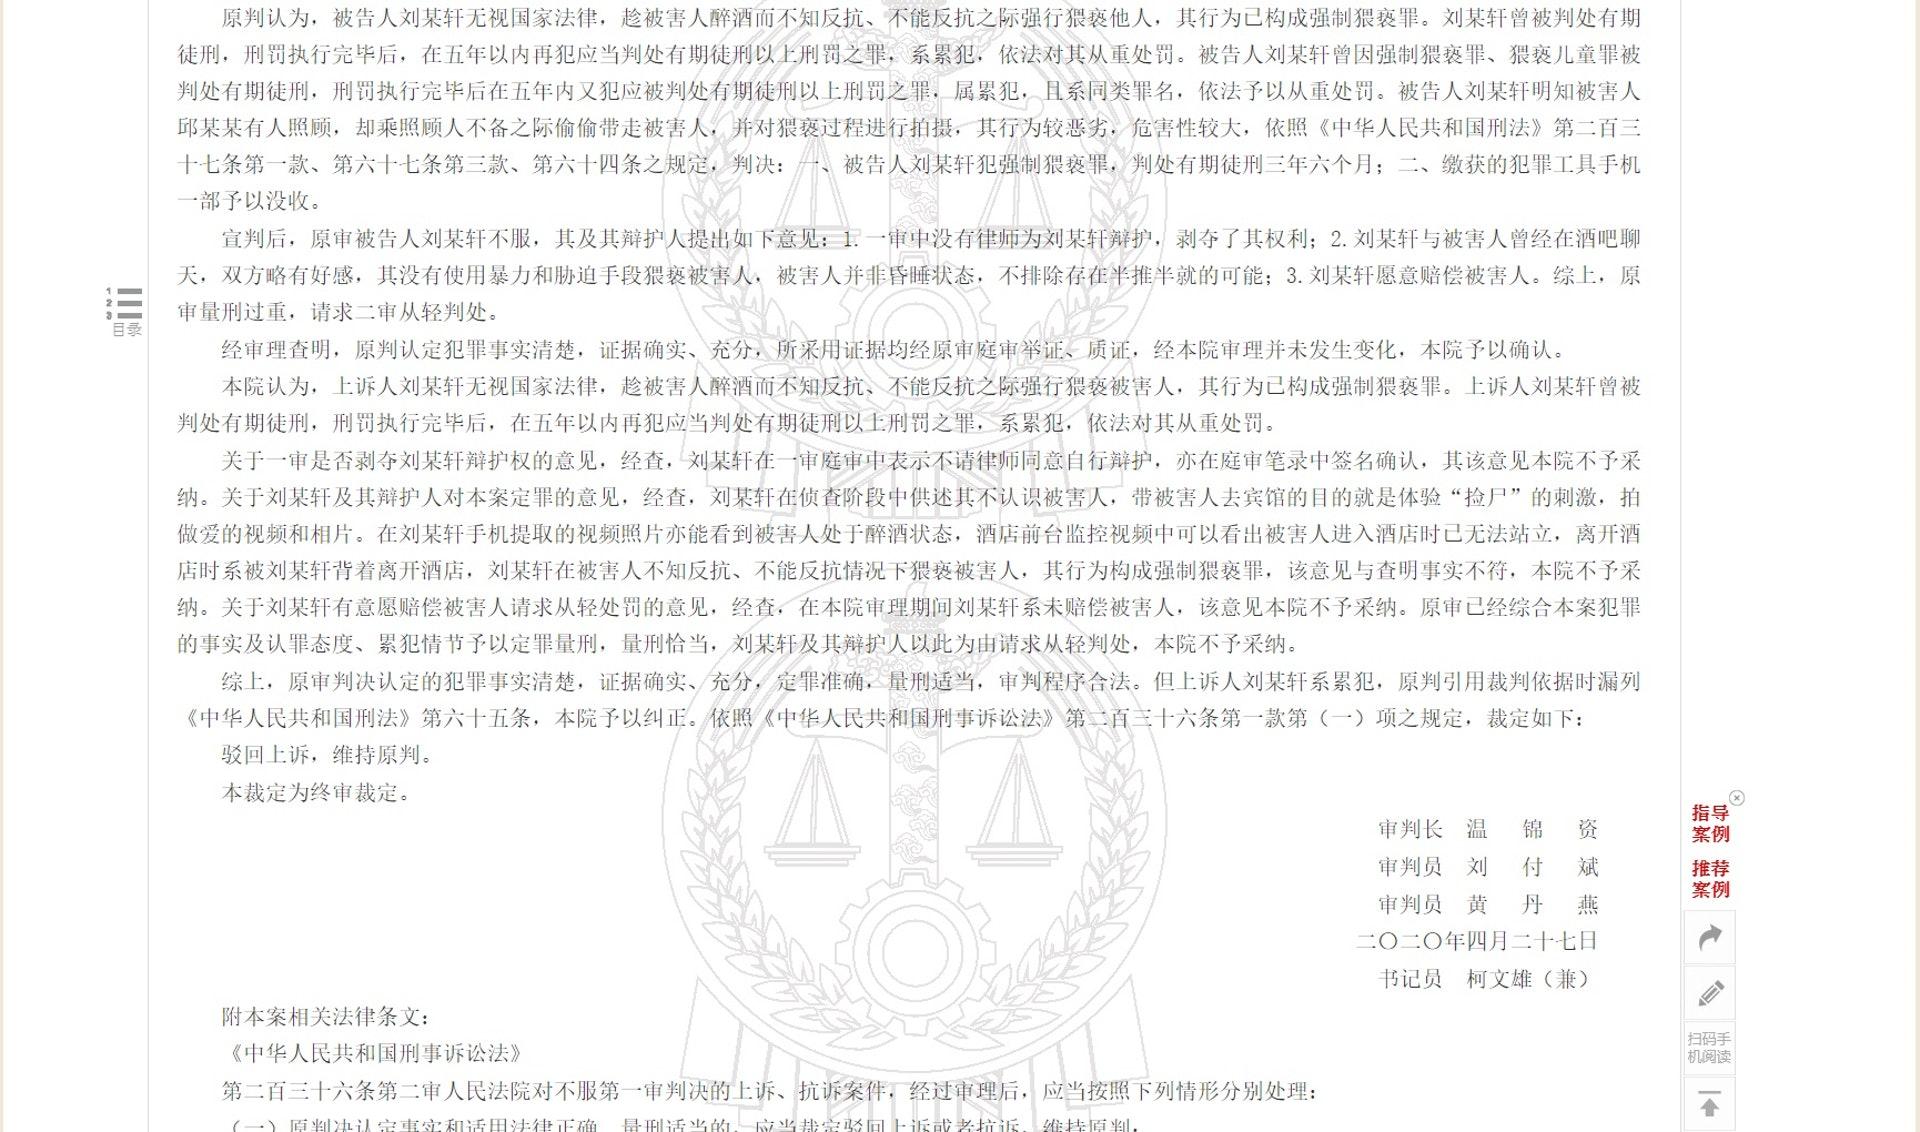 「中國裁判文書網」公布的一份二審刑事裁定書,顯示已有前科的劉馬車再犯「強制猥褻罪」,被判處有期徒刑3年6個月。(網頁截圖)